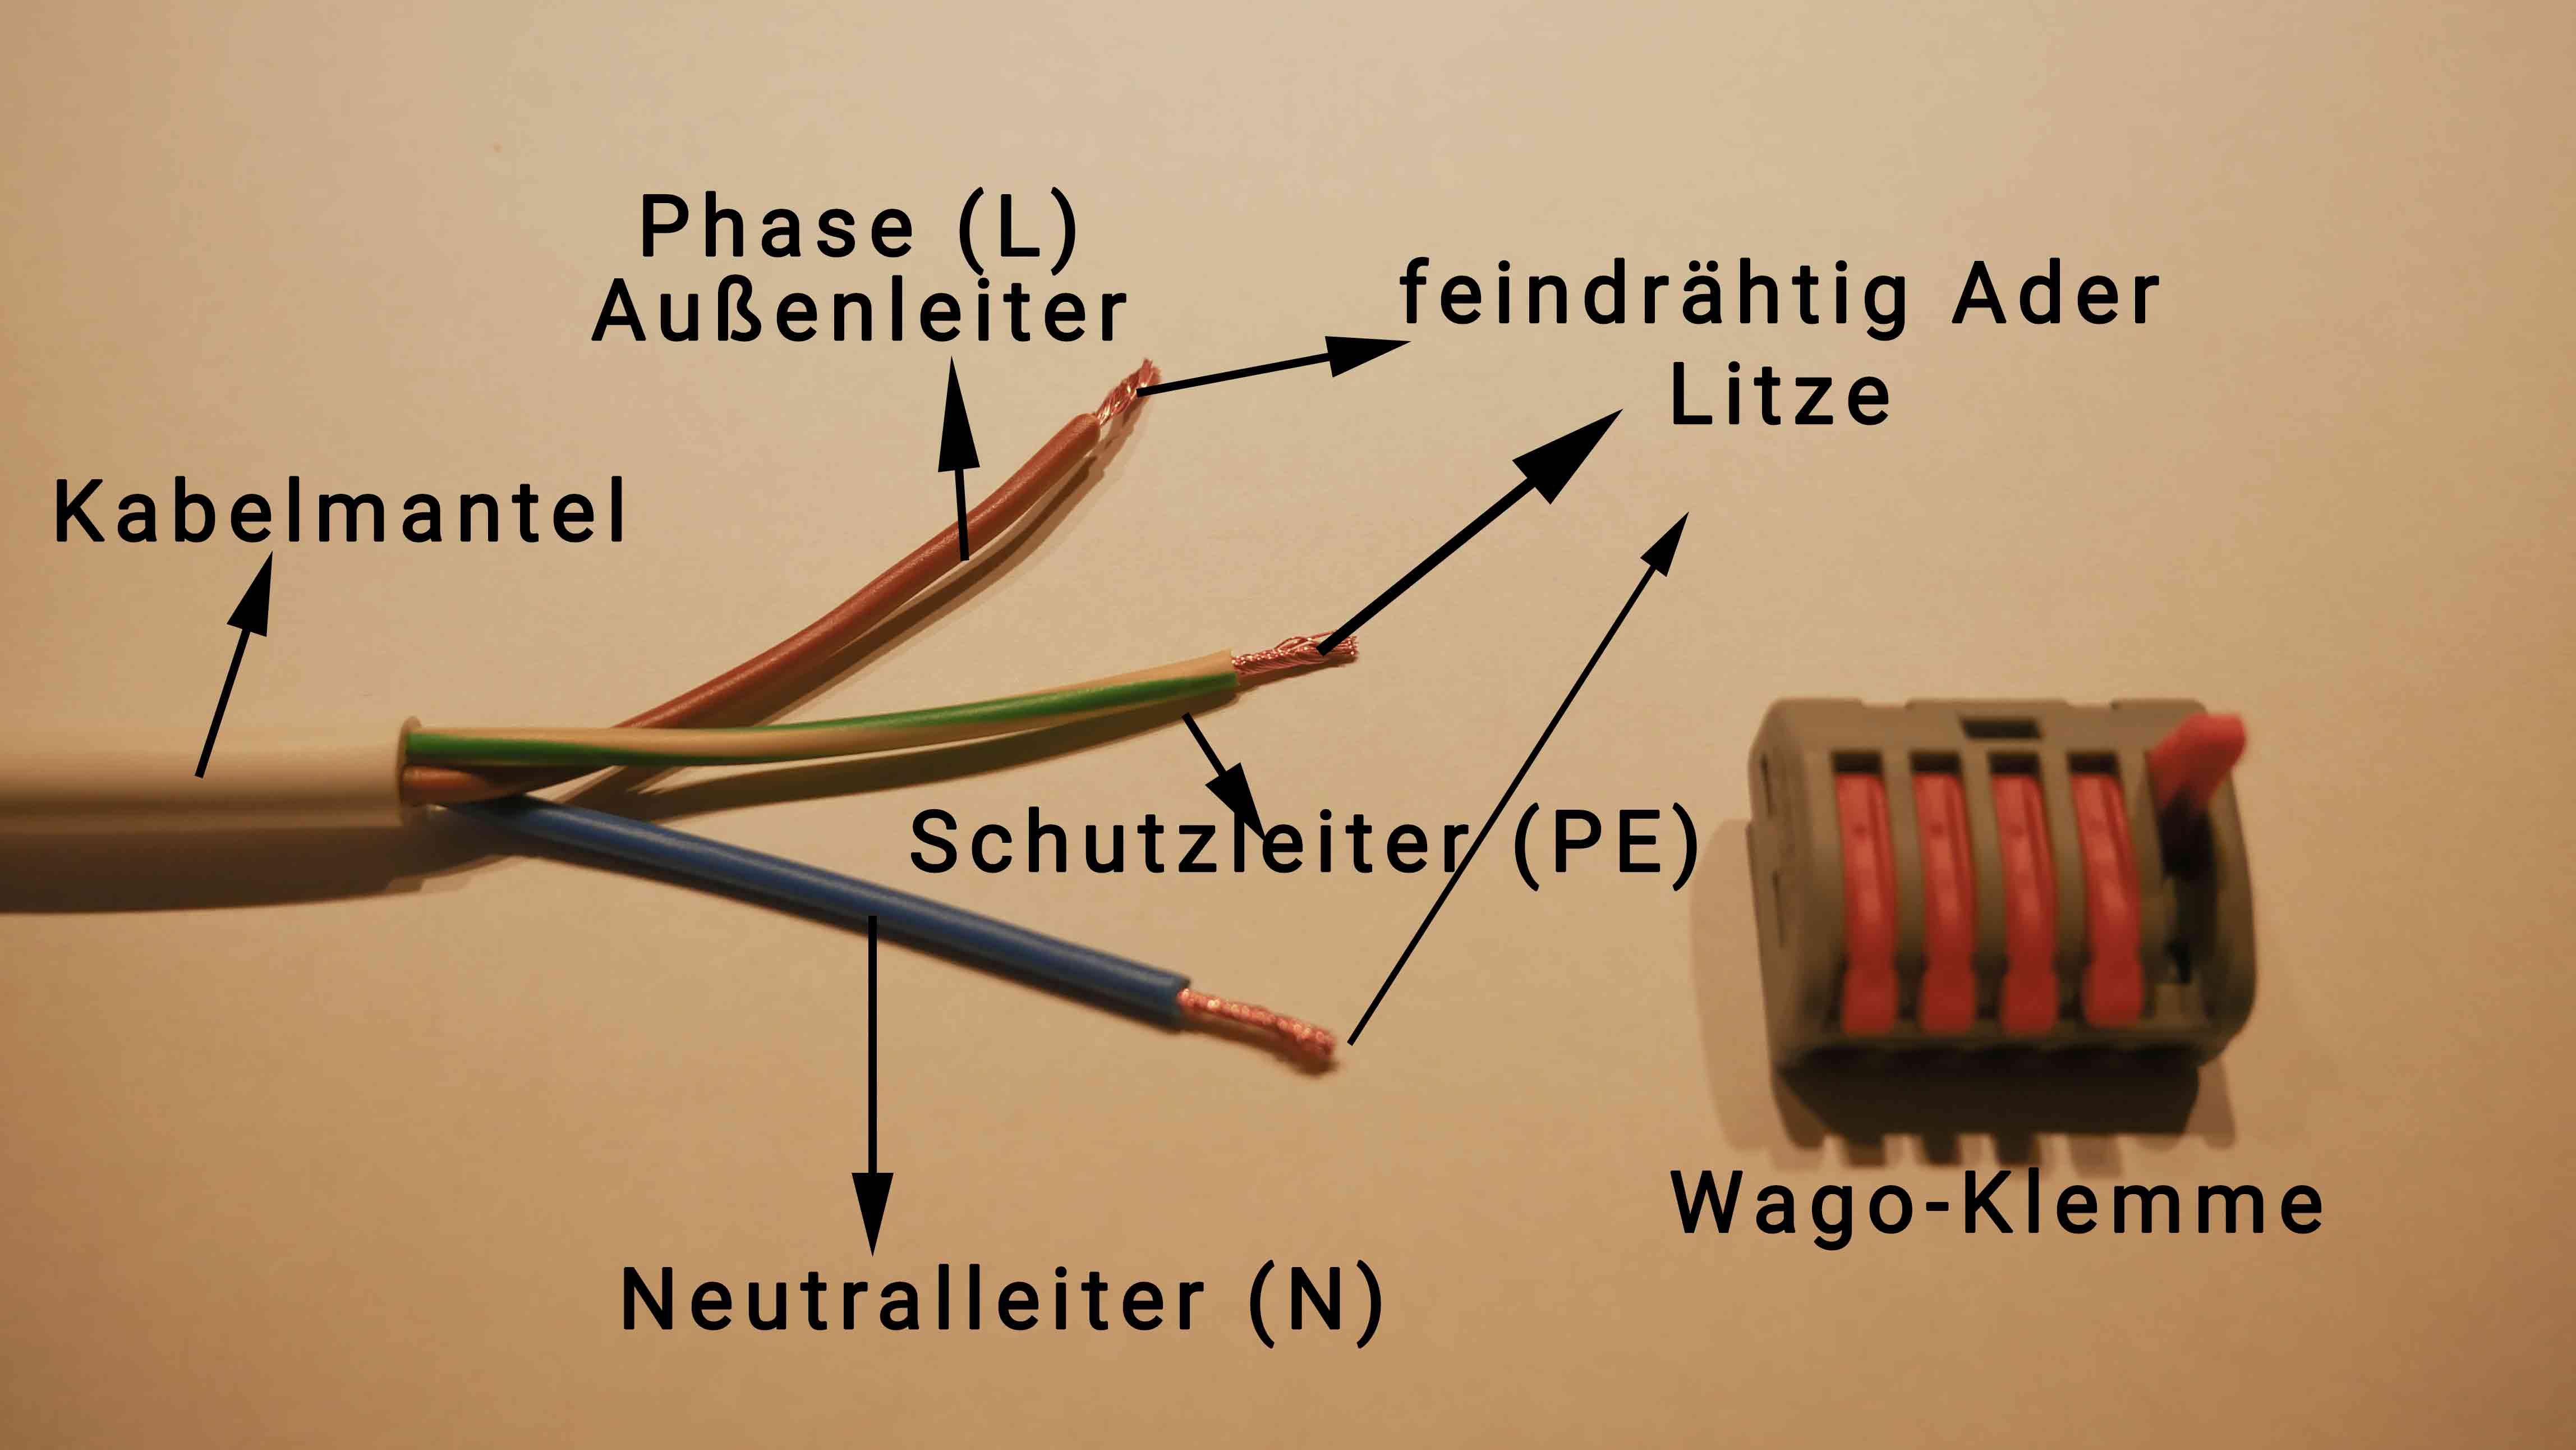 Extrem Lampe anschließen - ein Kabel, mehrere Lampen verkabeln - Made by NO52